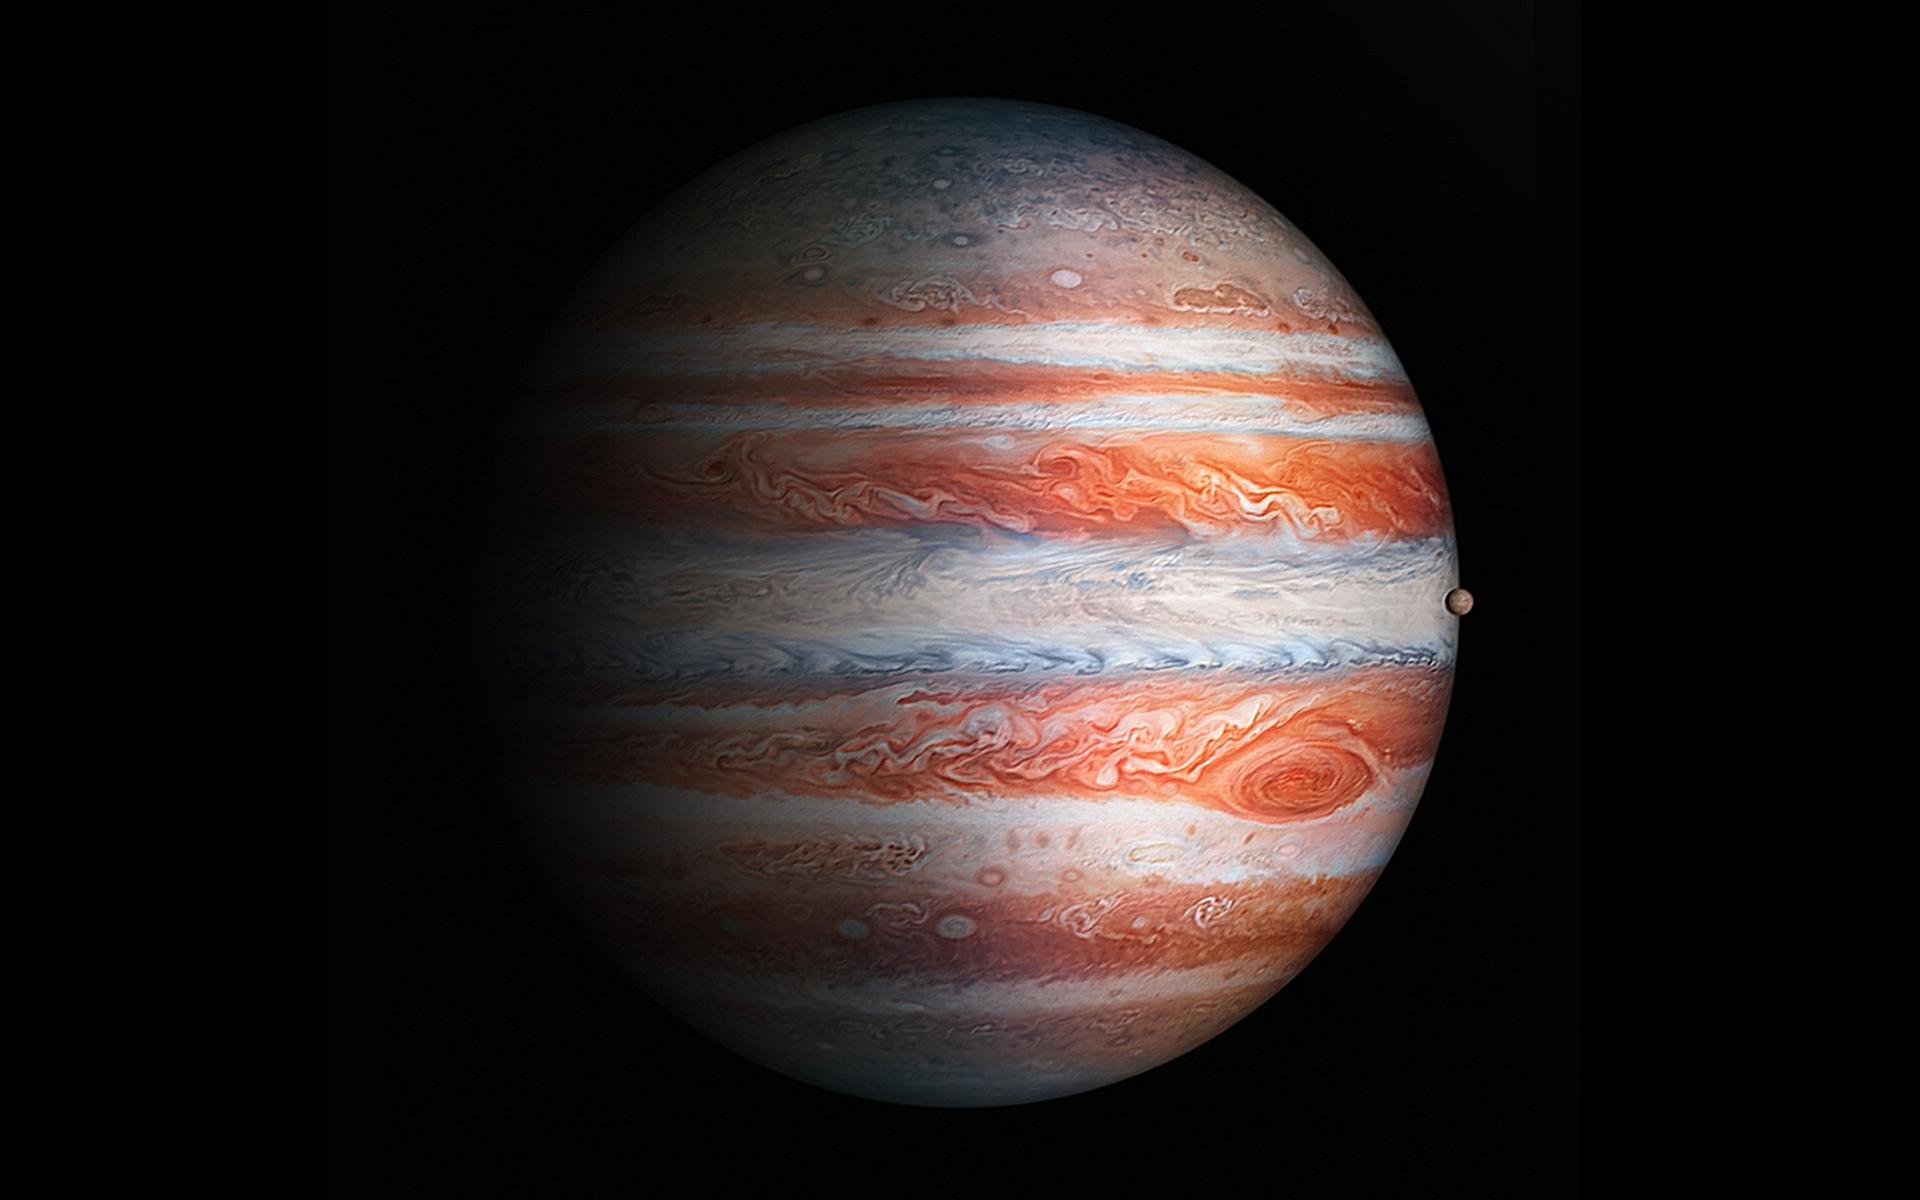 jupiter planet hd wallpaper 62388